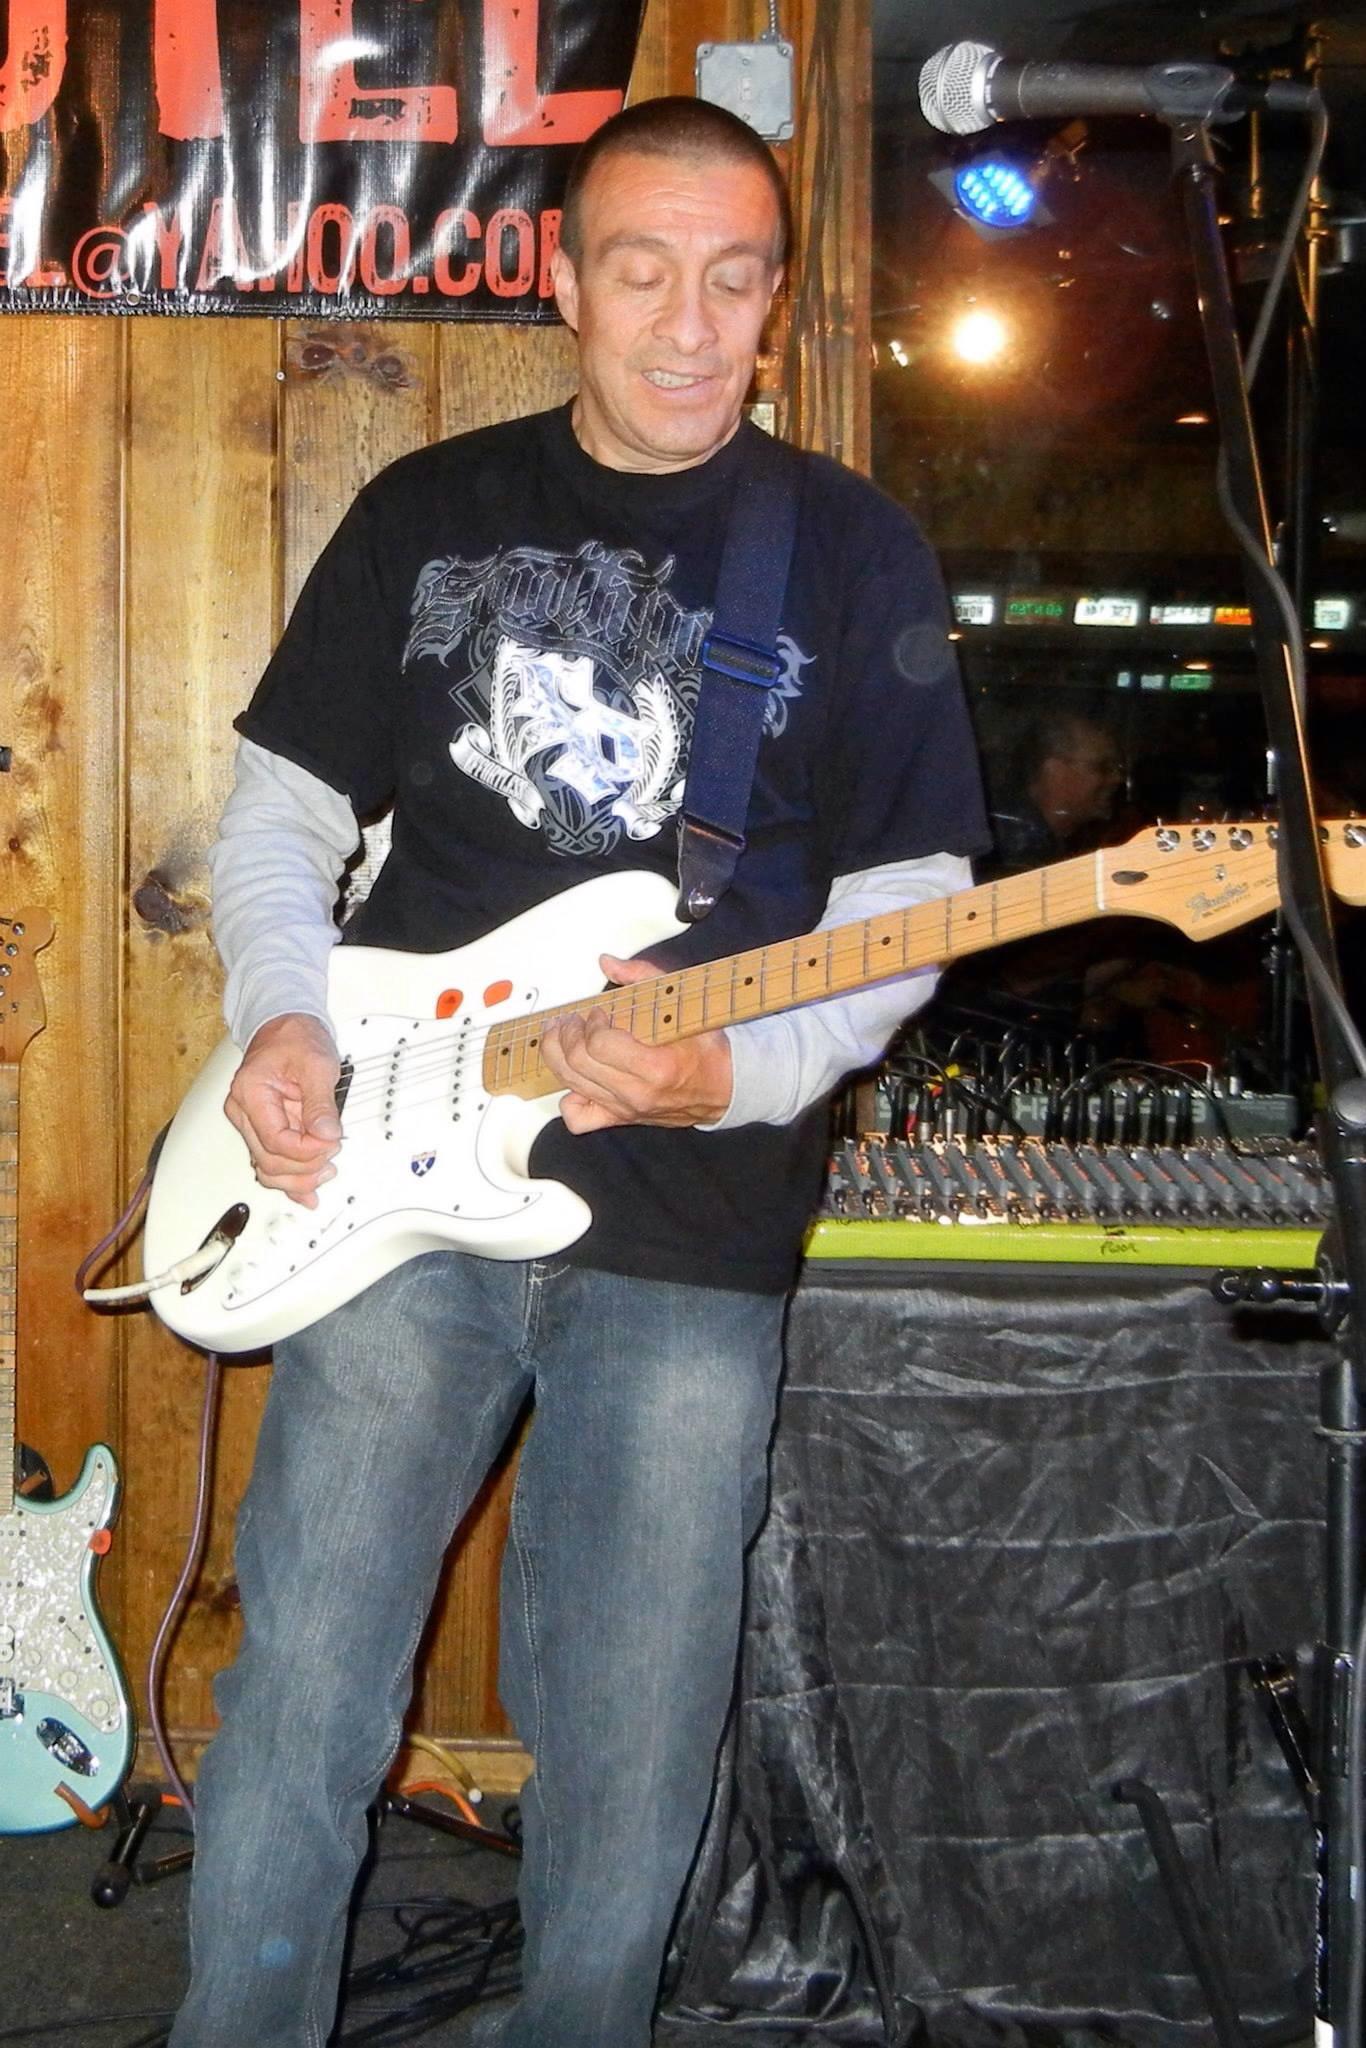 Raul Guitar